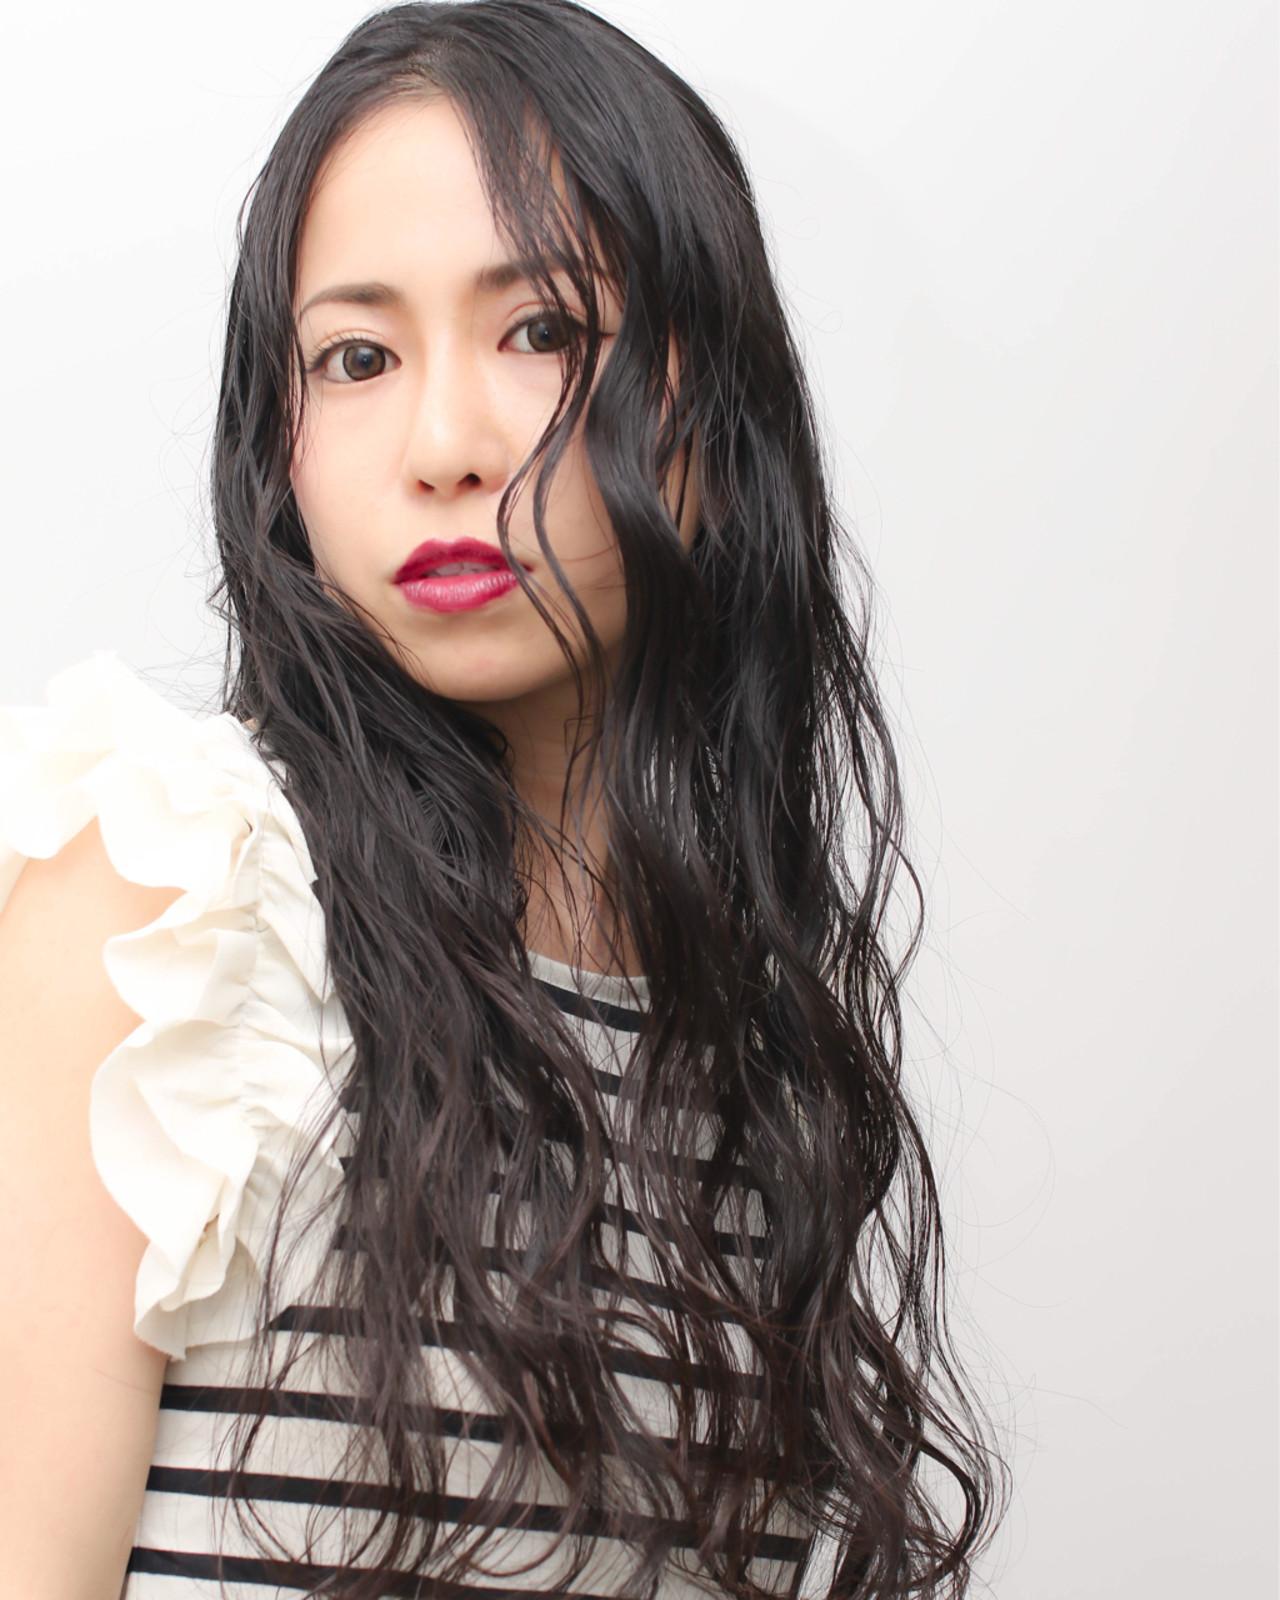 暗髪 夏 ナチュラル パーマ ヘアスタイルや髪型の写真・画像 | katsuhiro sasaki / HAIR&ART  LUMINA